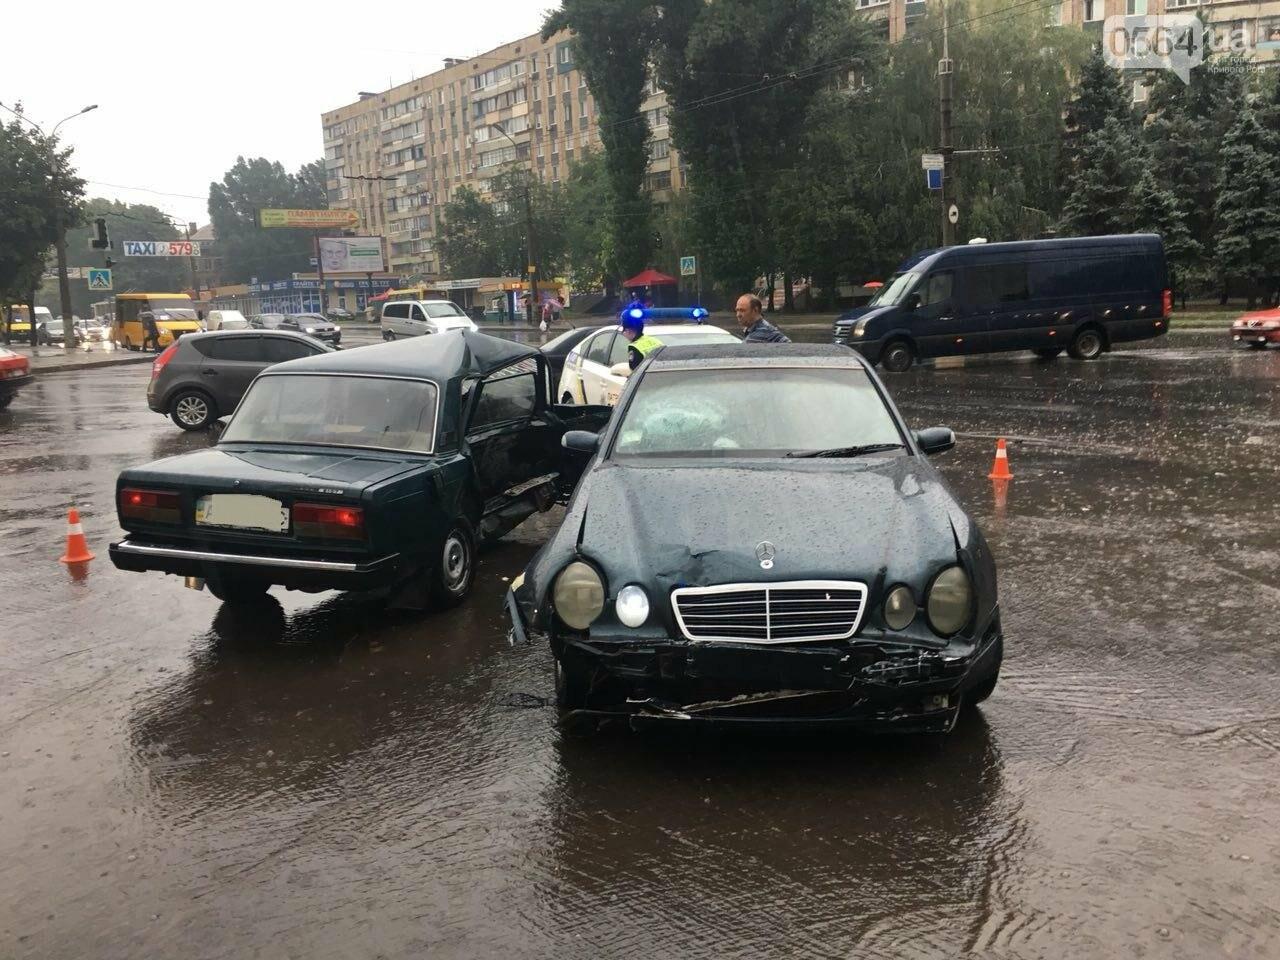 В Кривом Роге под дождем на перекрестке столкнулись иномарка и ВАЗ, - ФОТО, фото-22